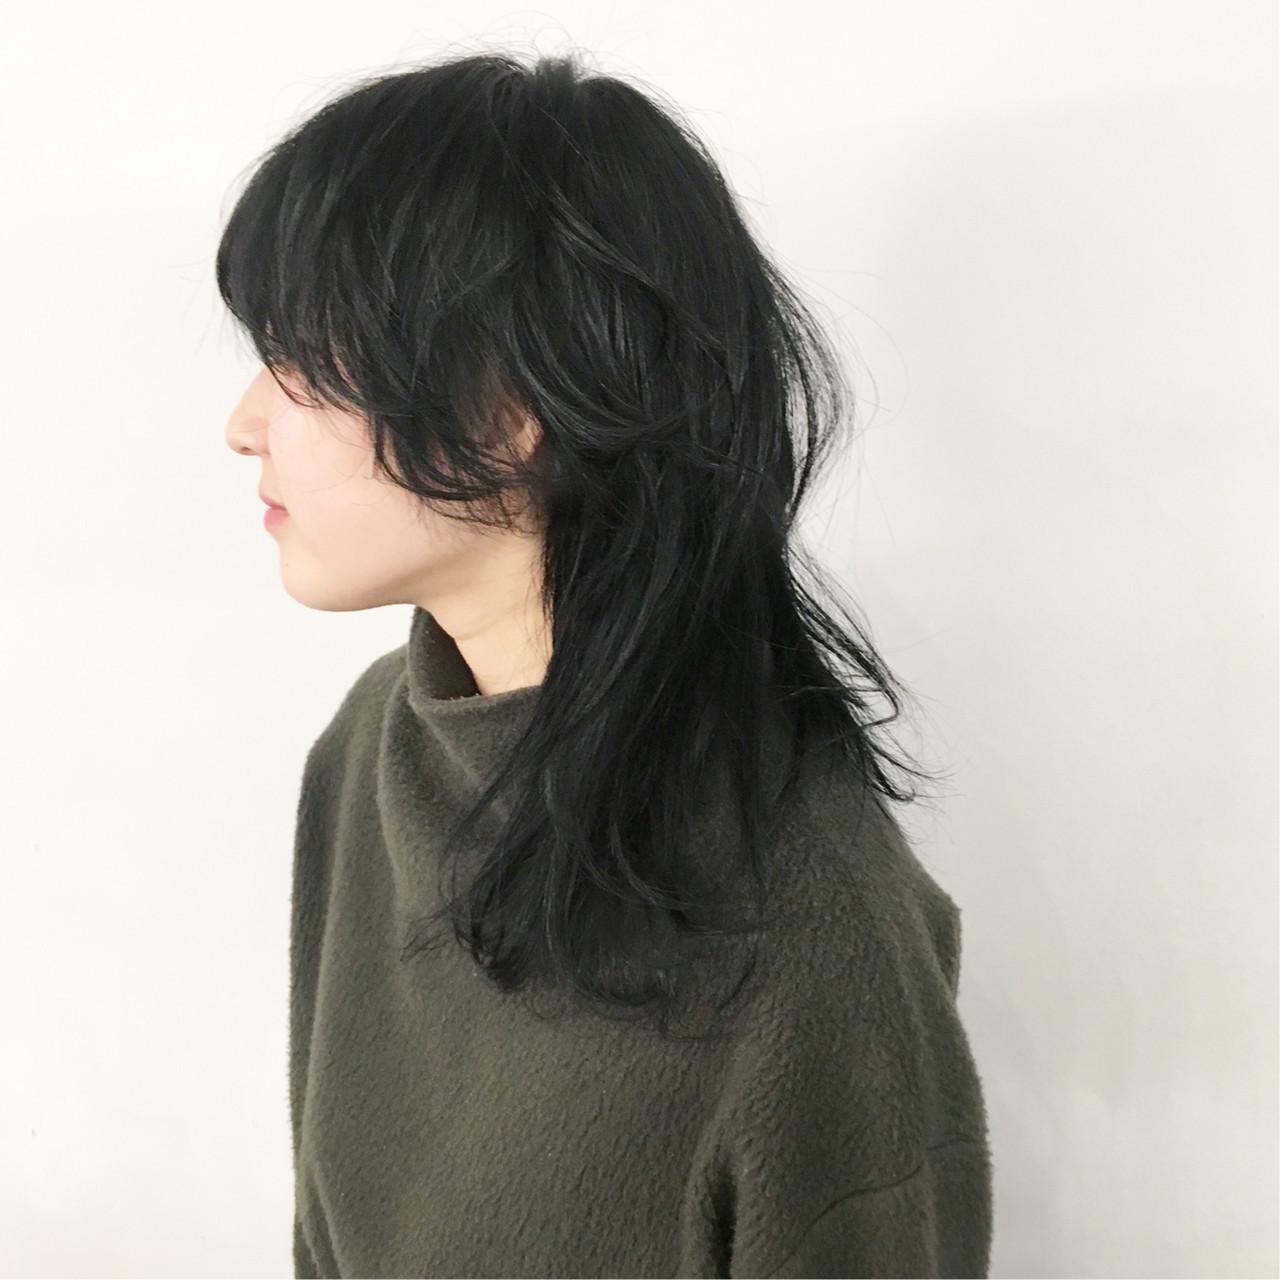 パーマ ミディアム マッシュウルフ ネオウルフ ヘアスタイルや髪型の写真・画像